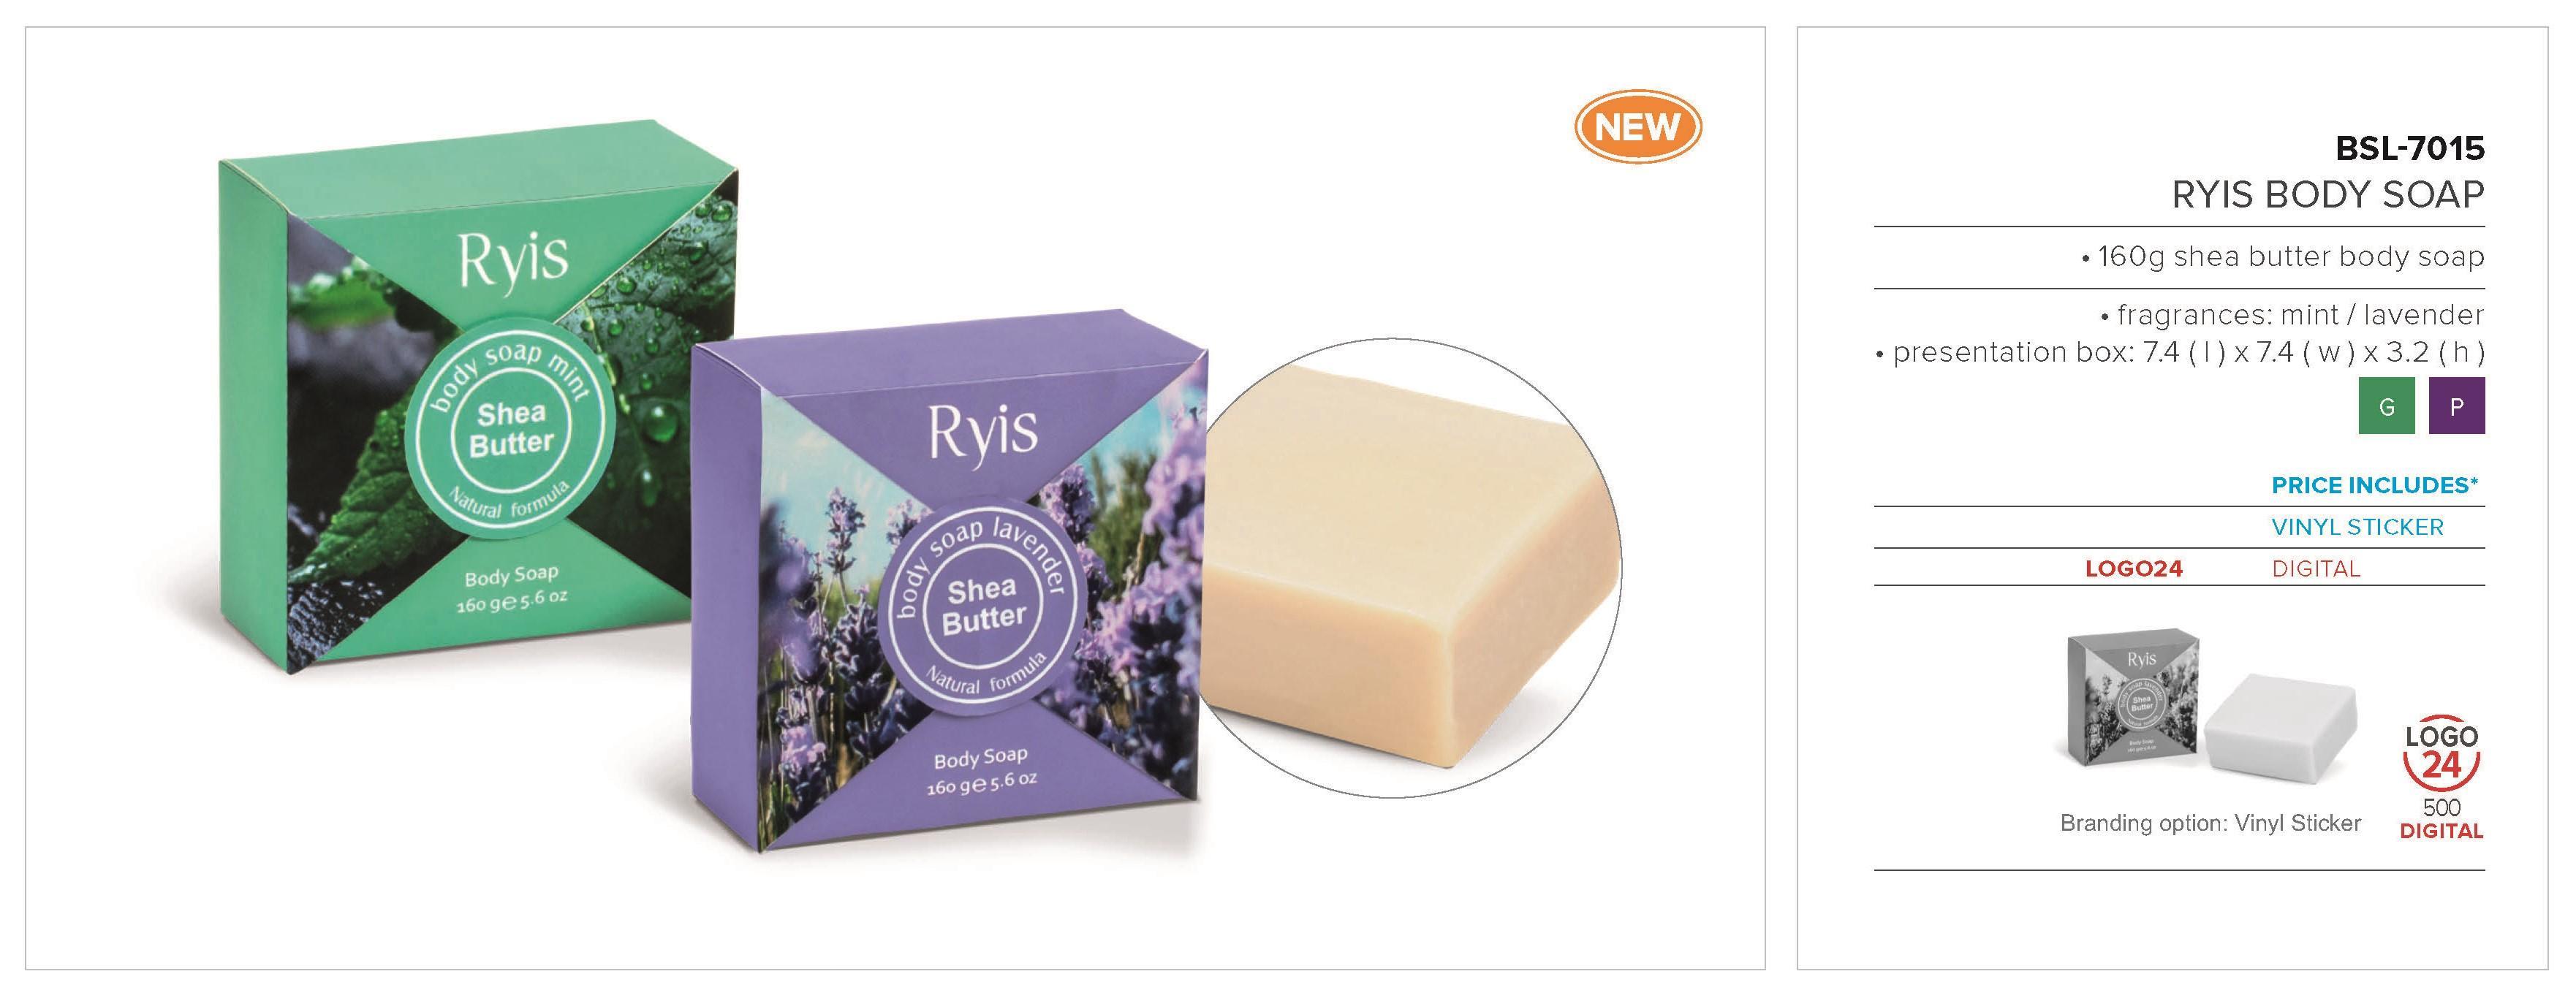 Ryis Body Soap